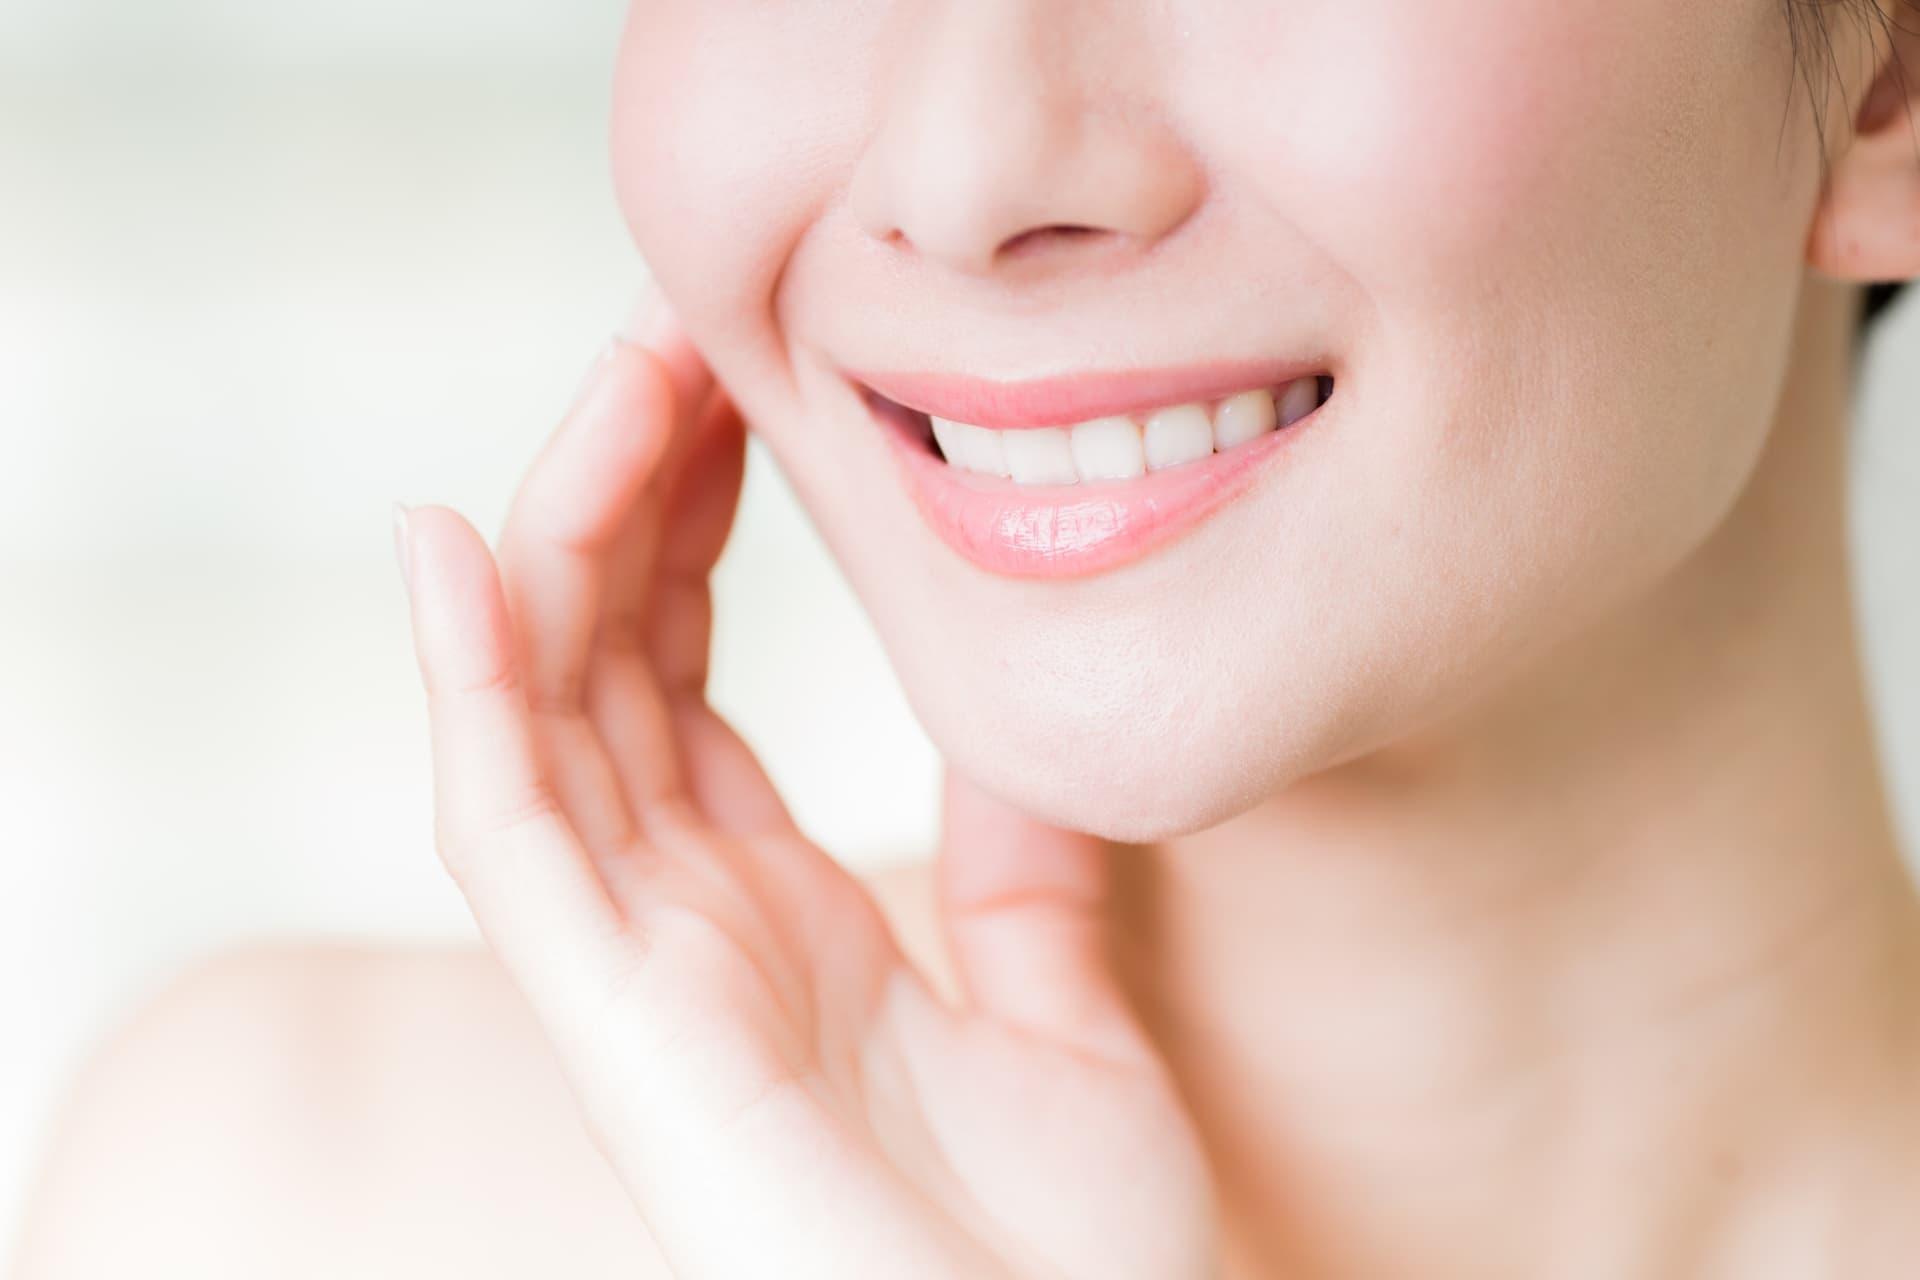 綺麗な歯を持つ笑顔の女性